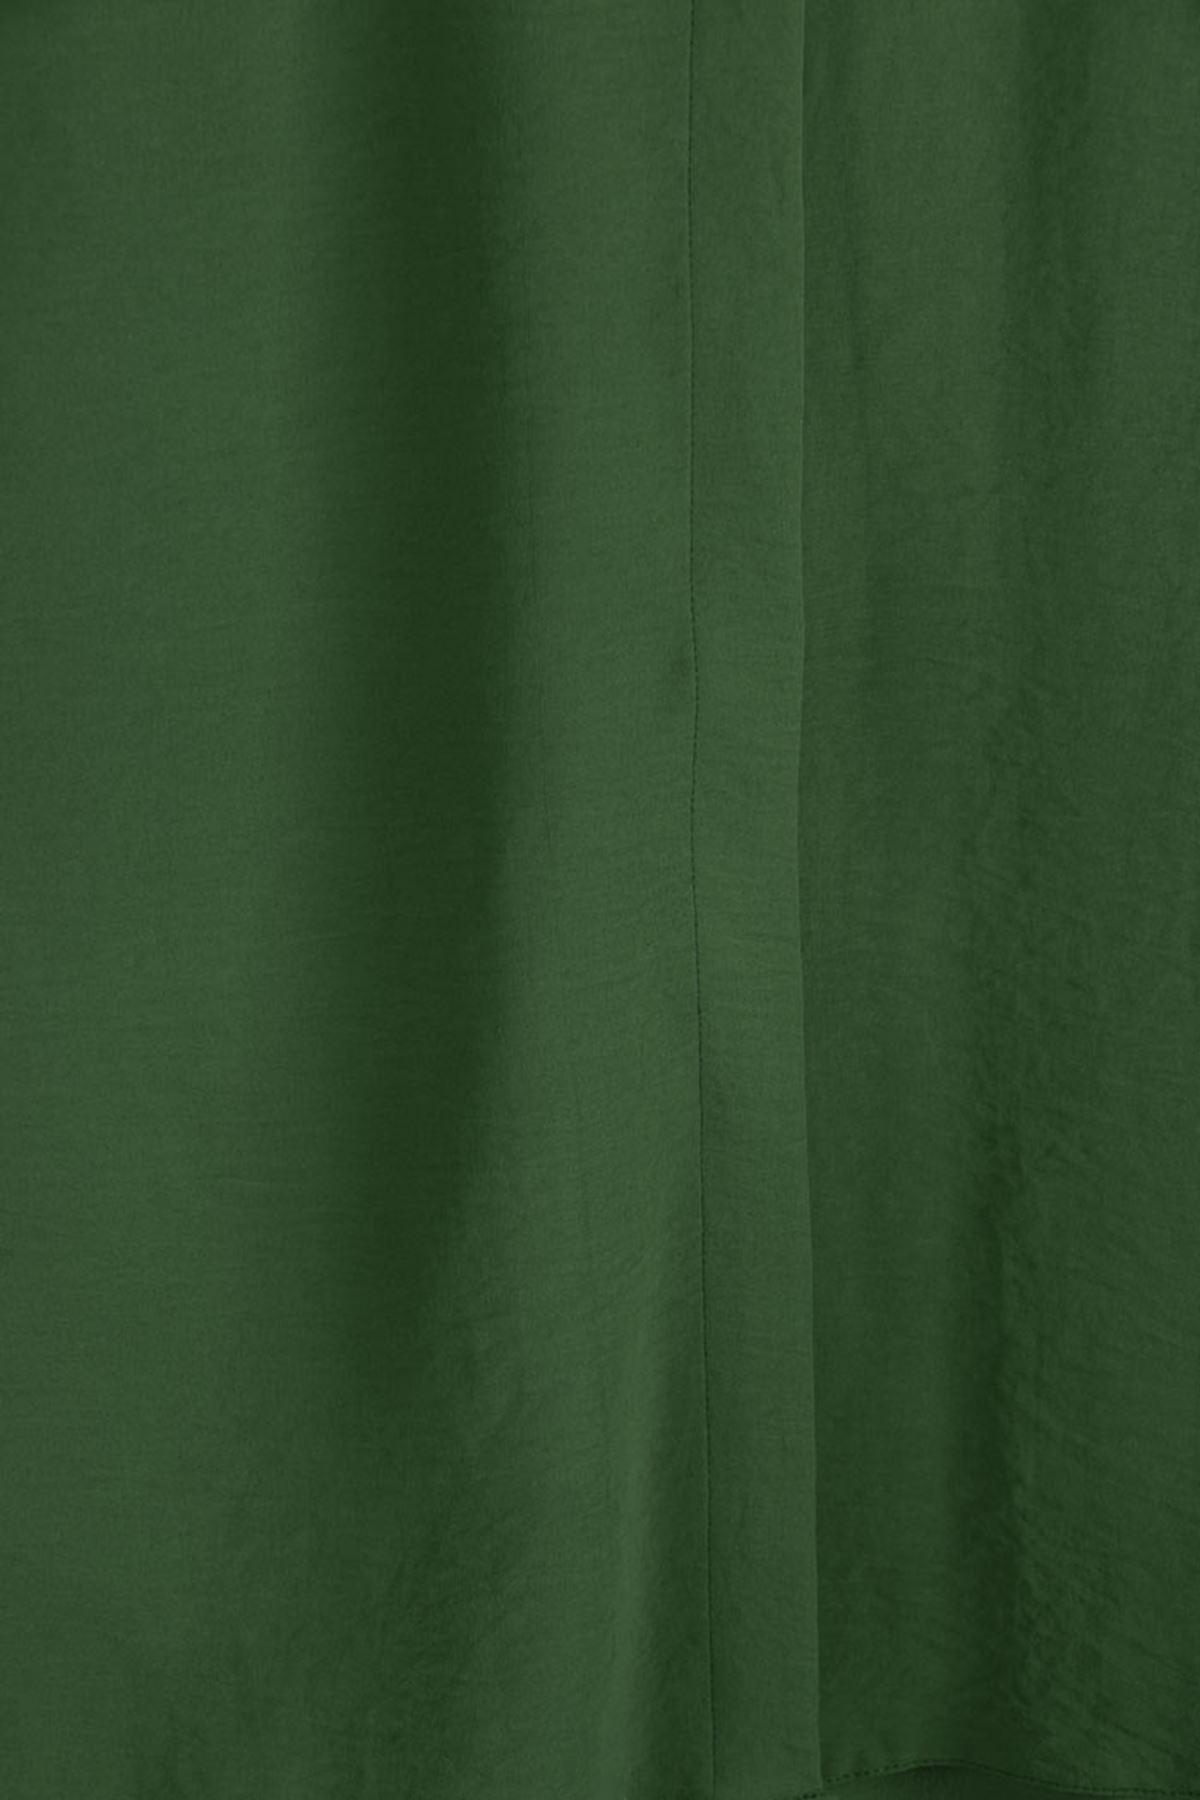 D-8225 Büyük Beden Defolu Gizli Düğmeli Airobin Mevlana Gömlek-Hakİ